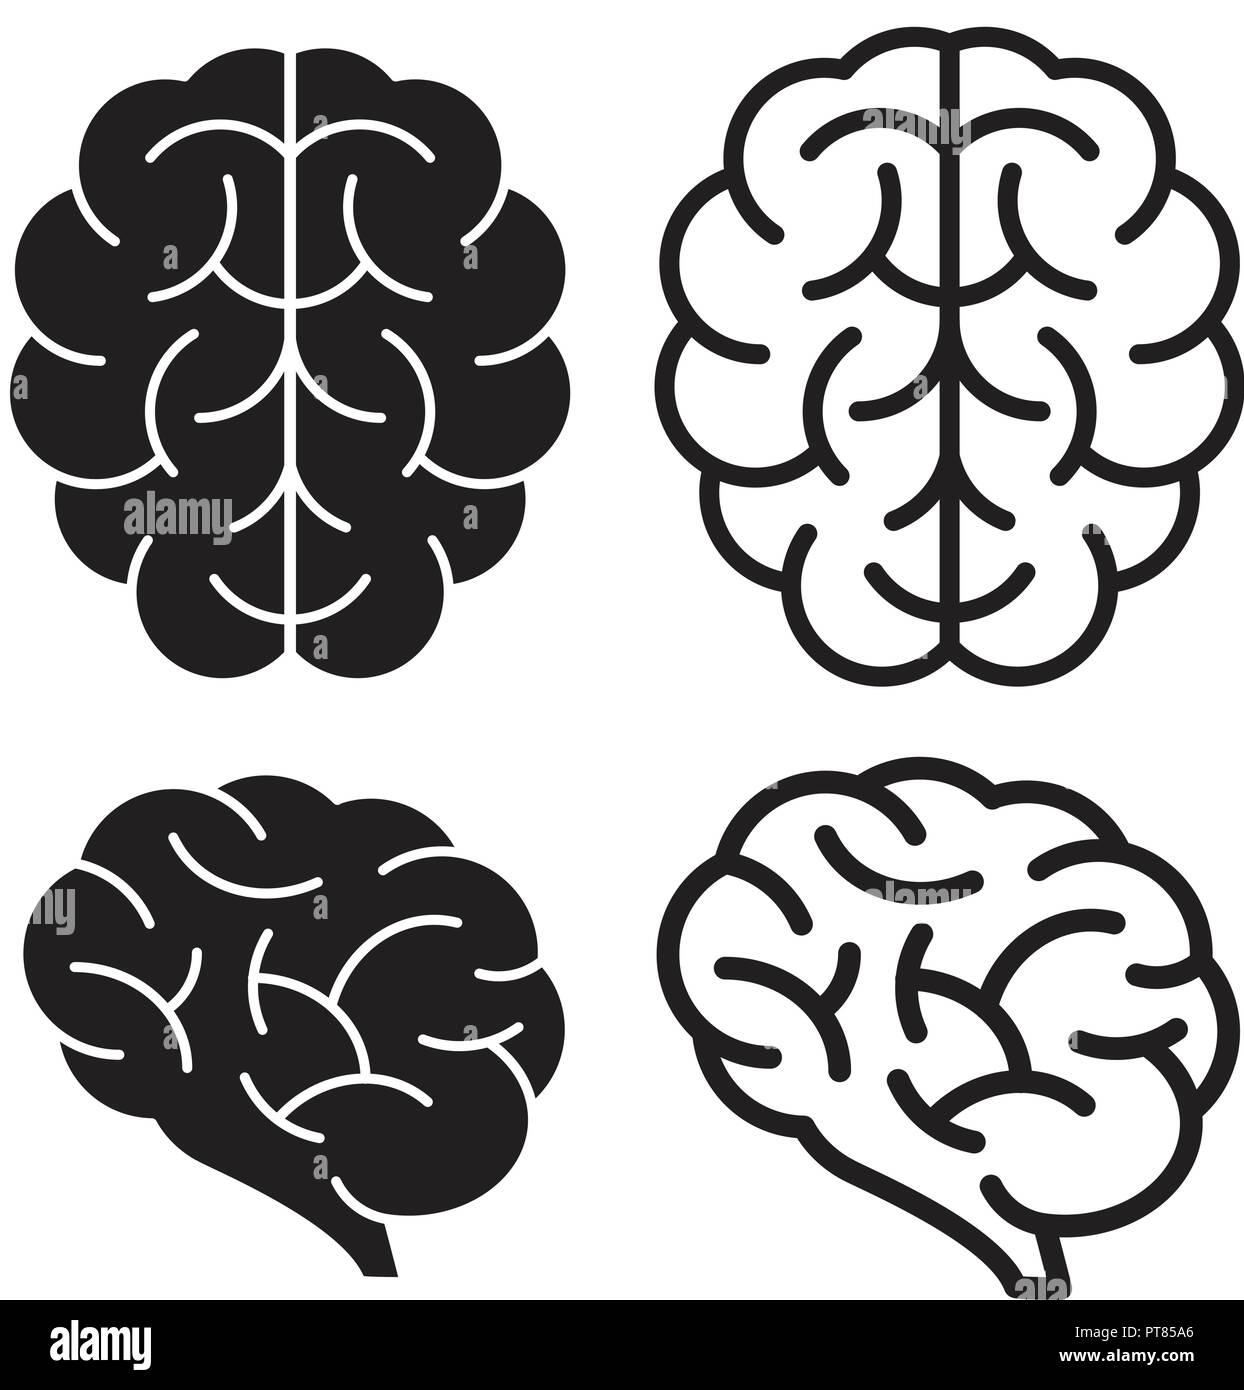 Vector iconos del cerebro humano aislado sobre fondo blanco para la psicología salud ilustraciones. línea delgada cerebro diseño girus (flecha) Imagen De Stock